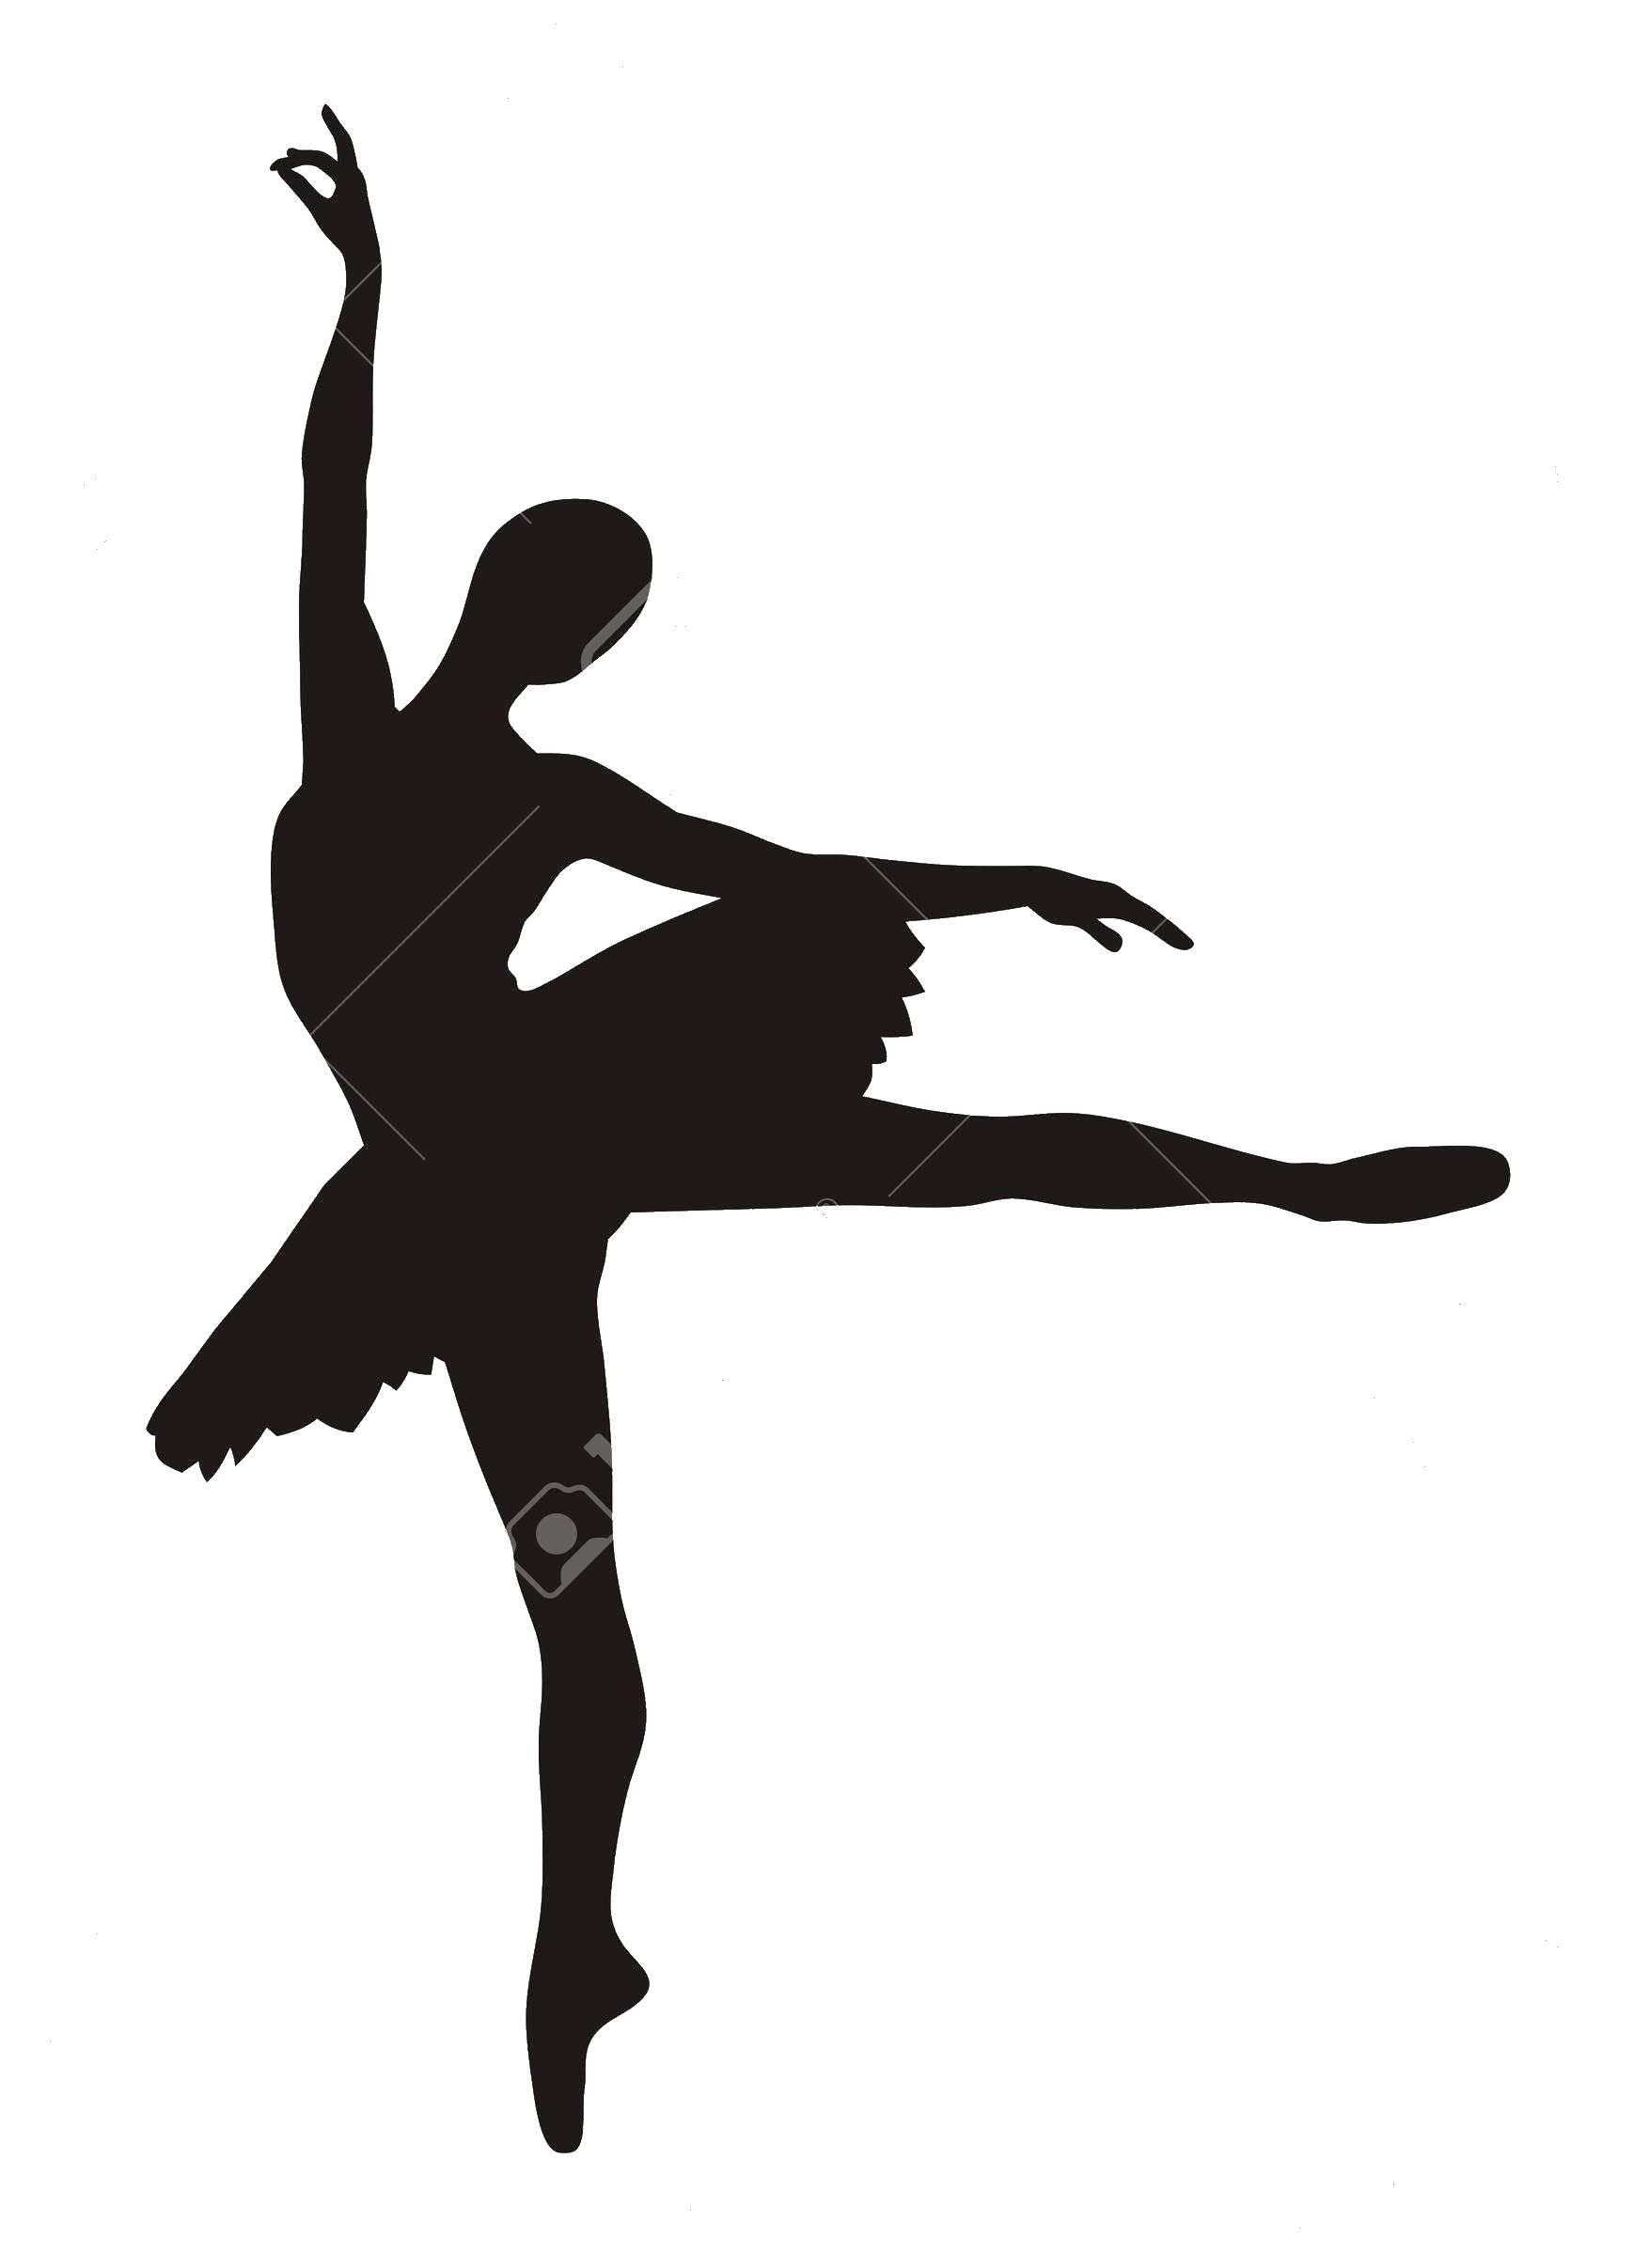 Раскраска Контур балерины Скачать балерина, контуры.  Распечатать ,контуры балерины для вырезания,